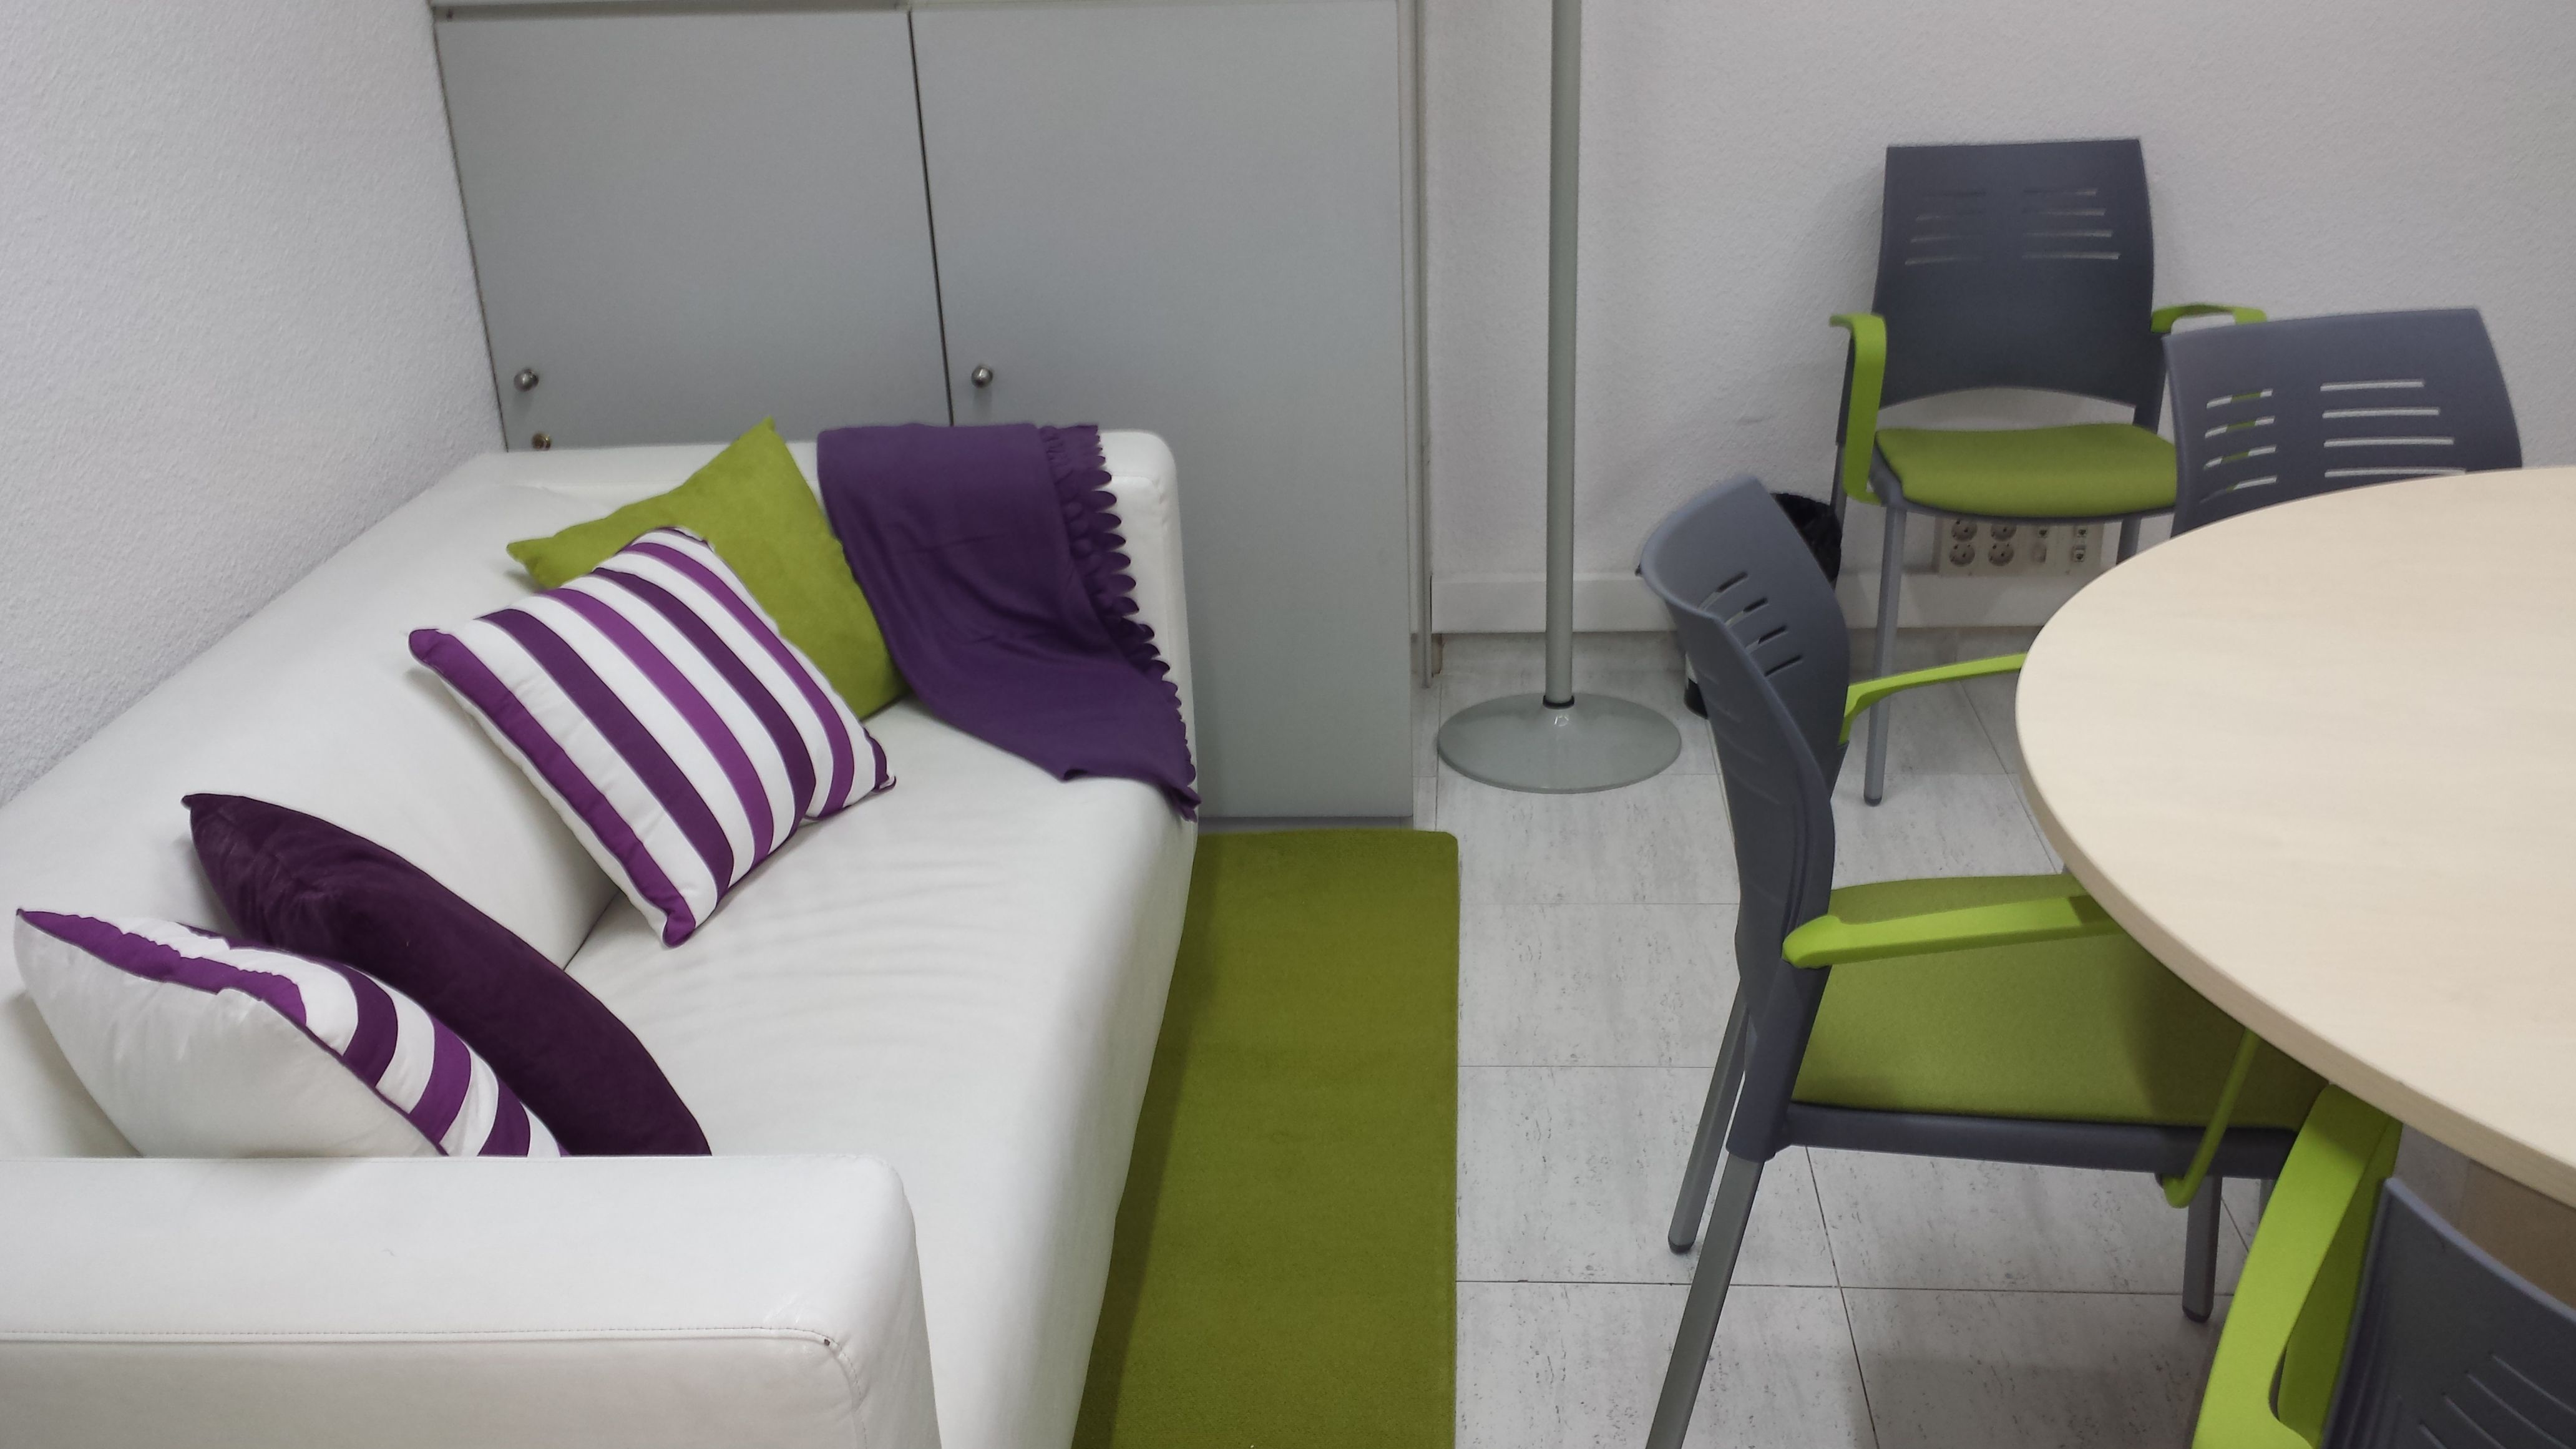 Sala de visionado - Queremos que estés cómodo